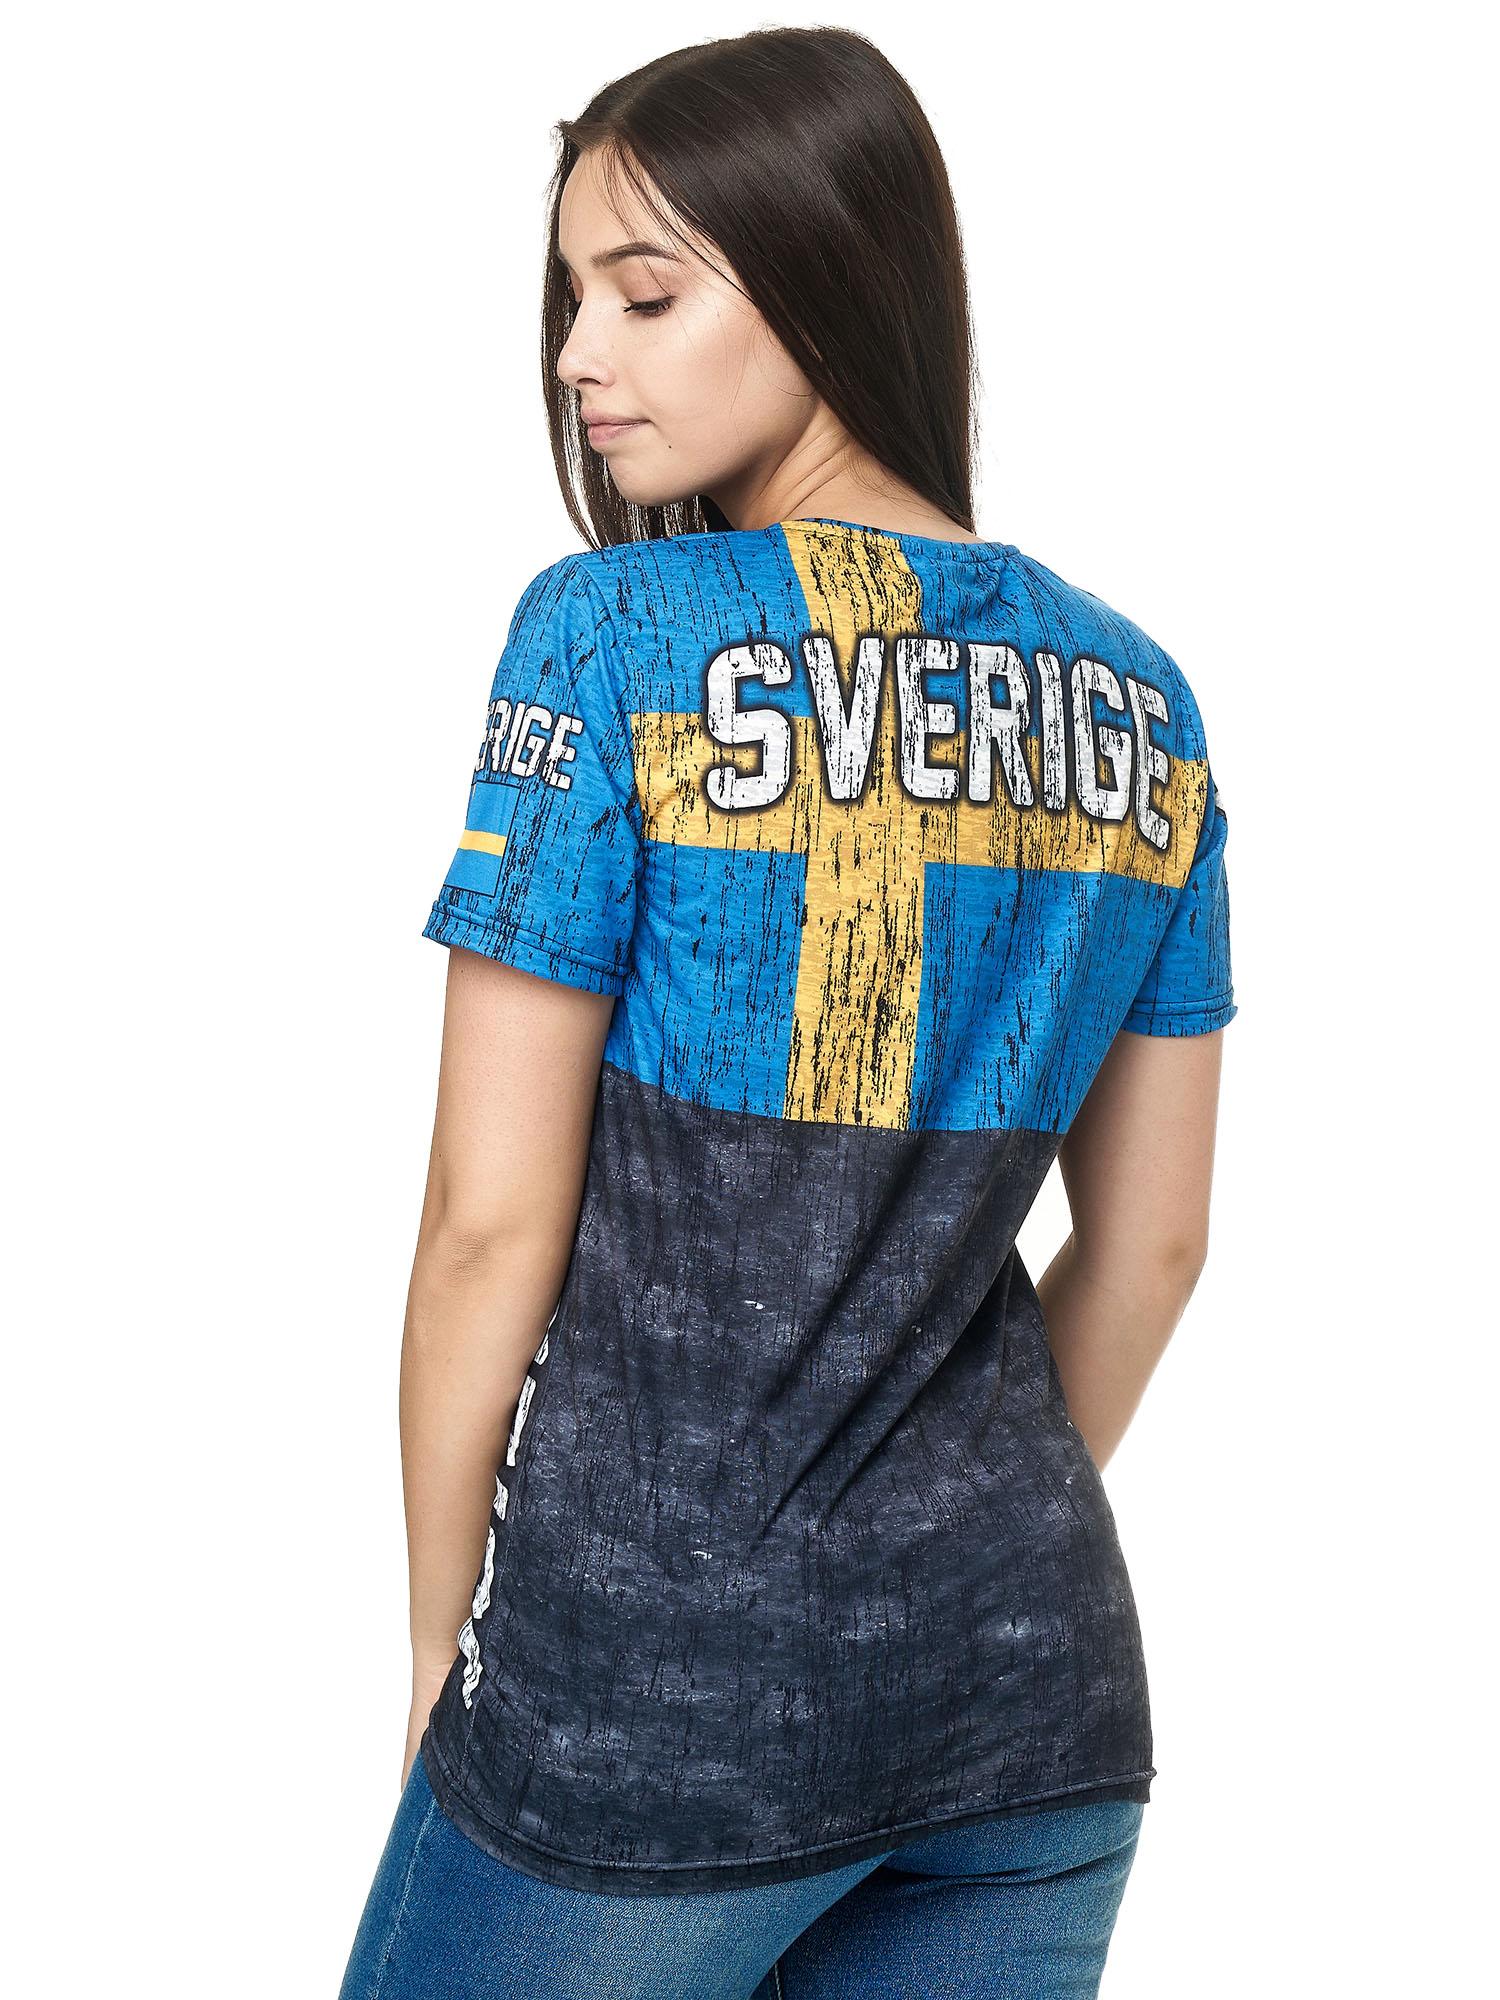 Paesi-da-Donna-T-shirt-A-Maniche-Corte-Girocollo-donne-CALCIO-Fanshirt-John-Kayna miniatura 104